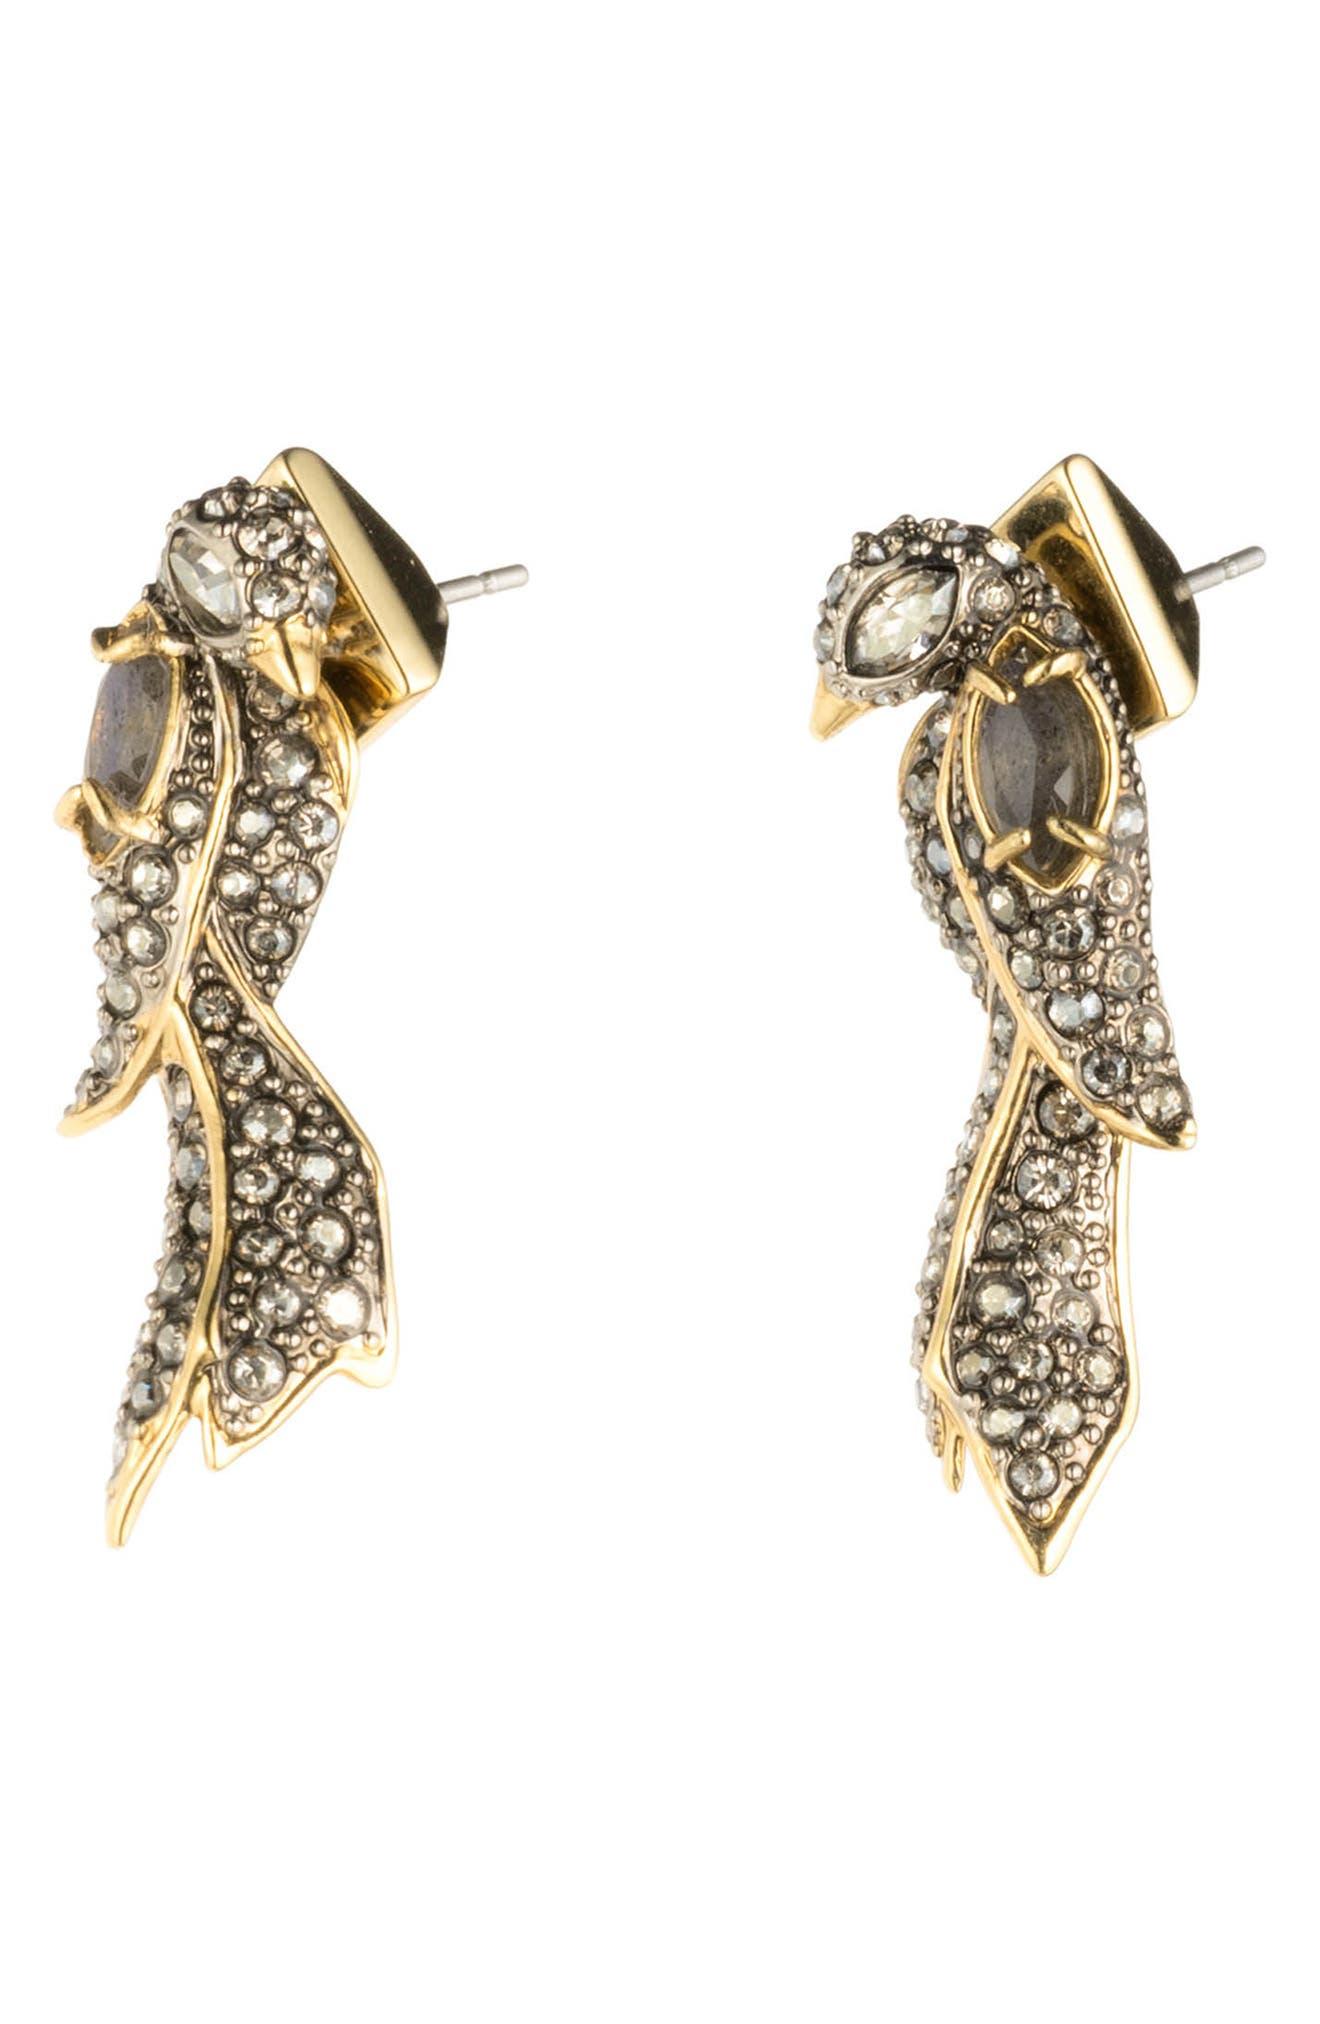 Lovebird Post Earrings,                             Alternate thumbnail 2, color,                             GOLD/ SILVER